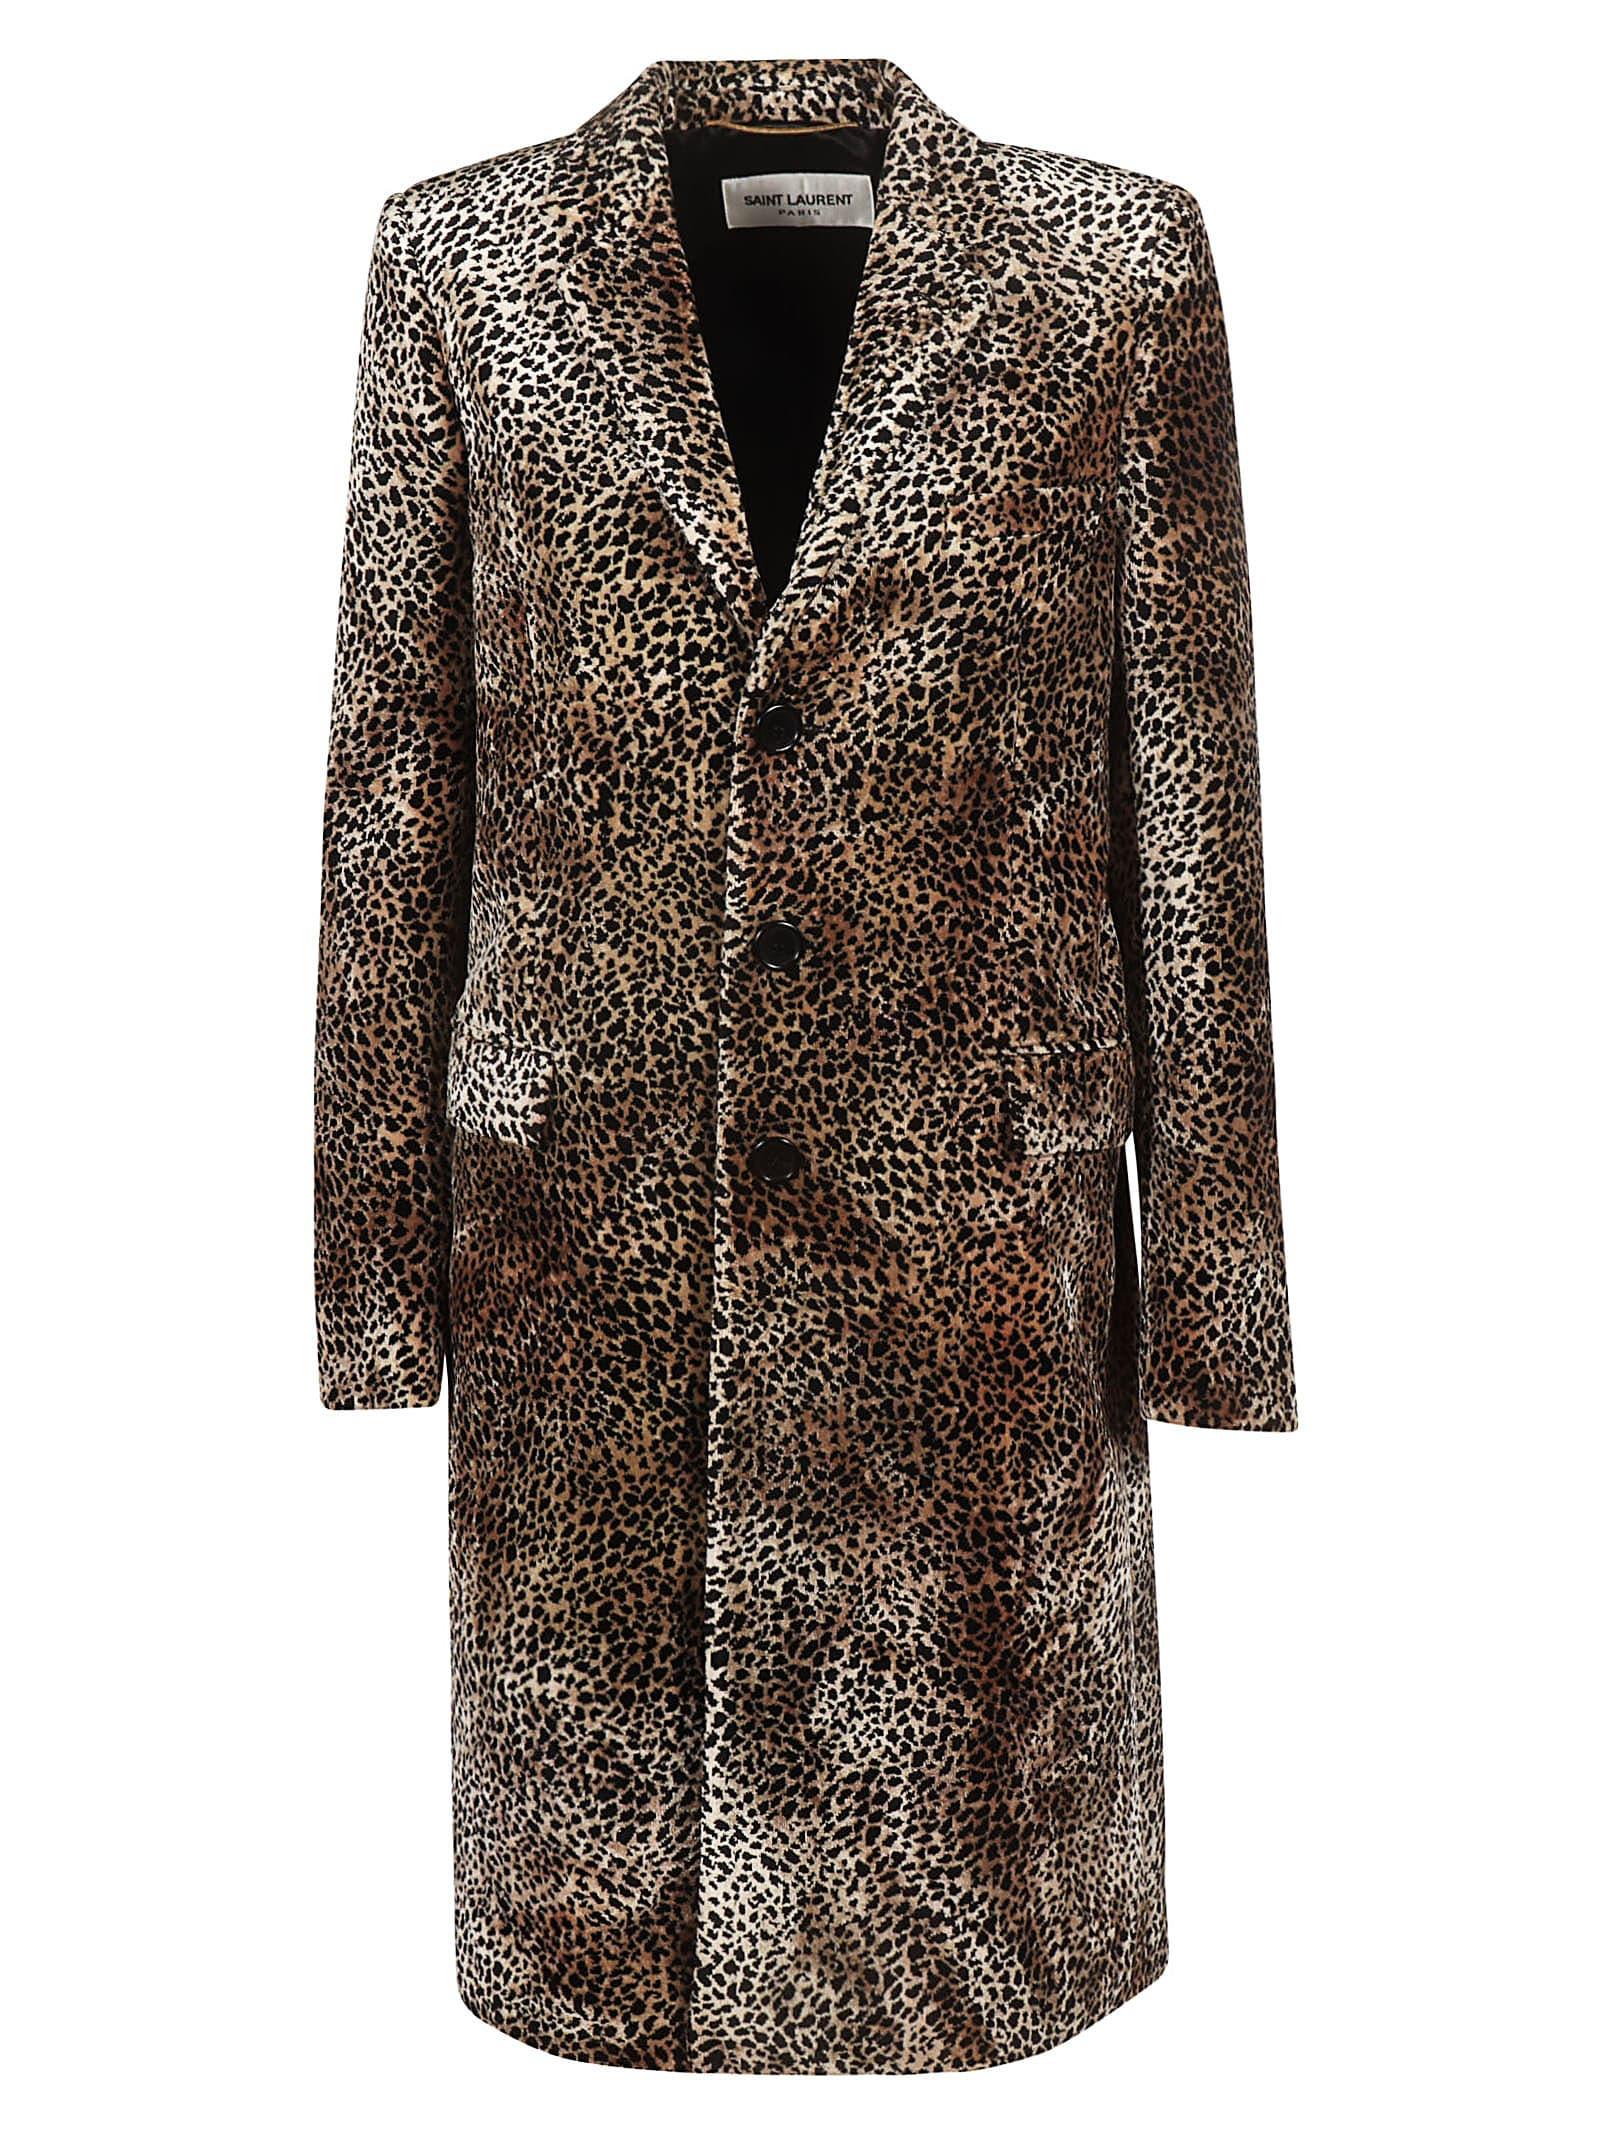 Saint Laurent Long Manteau Chesterfield Coat